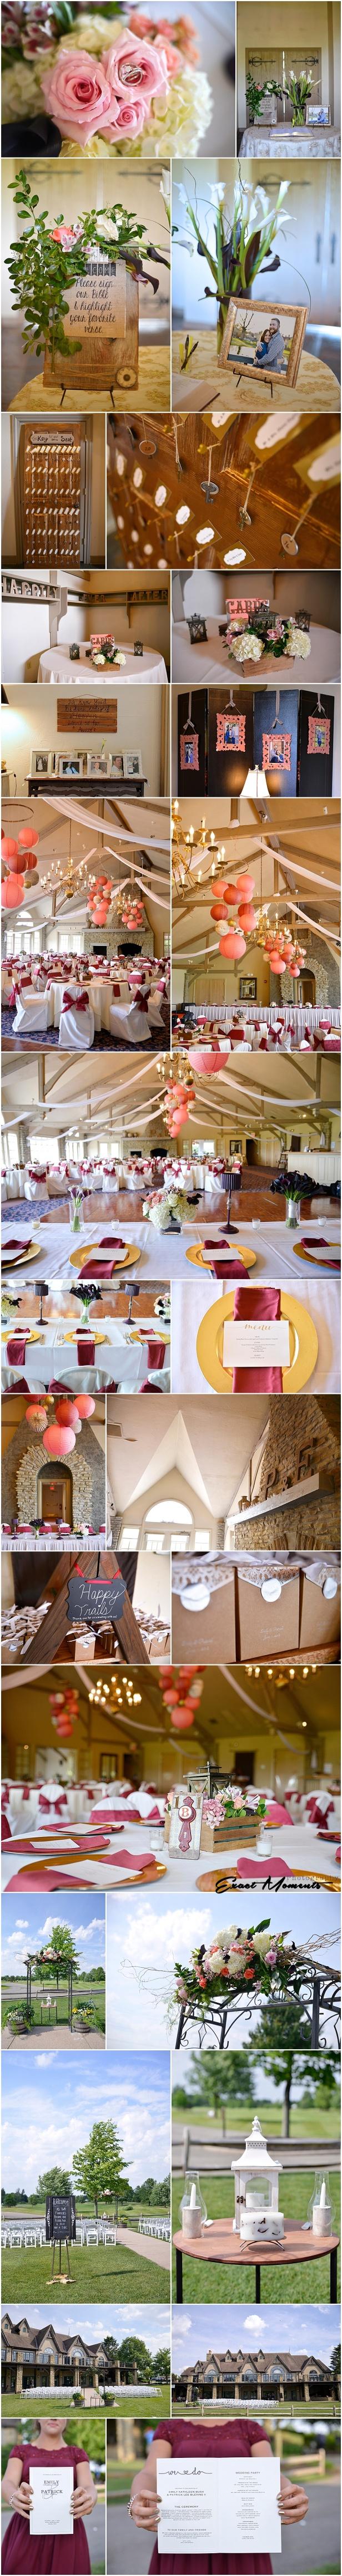 Royal American links Golf Club Wedding Reception